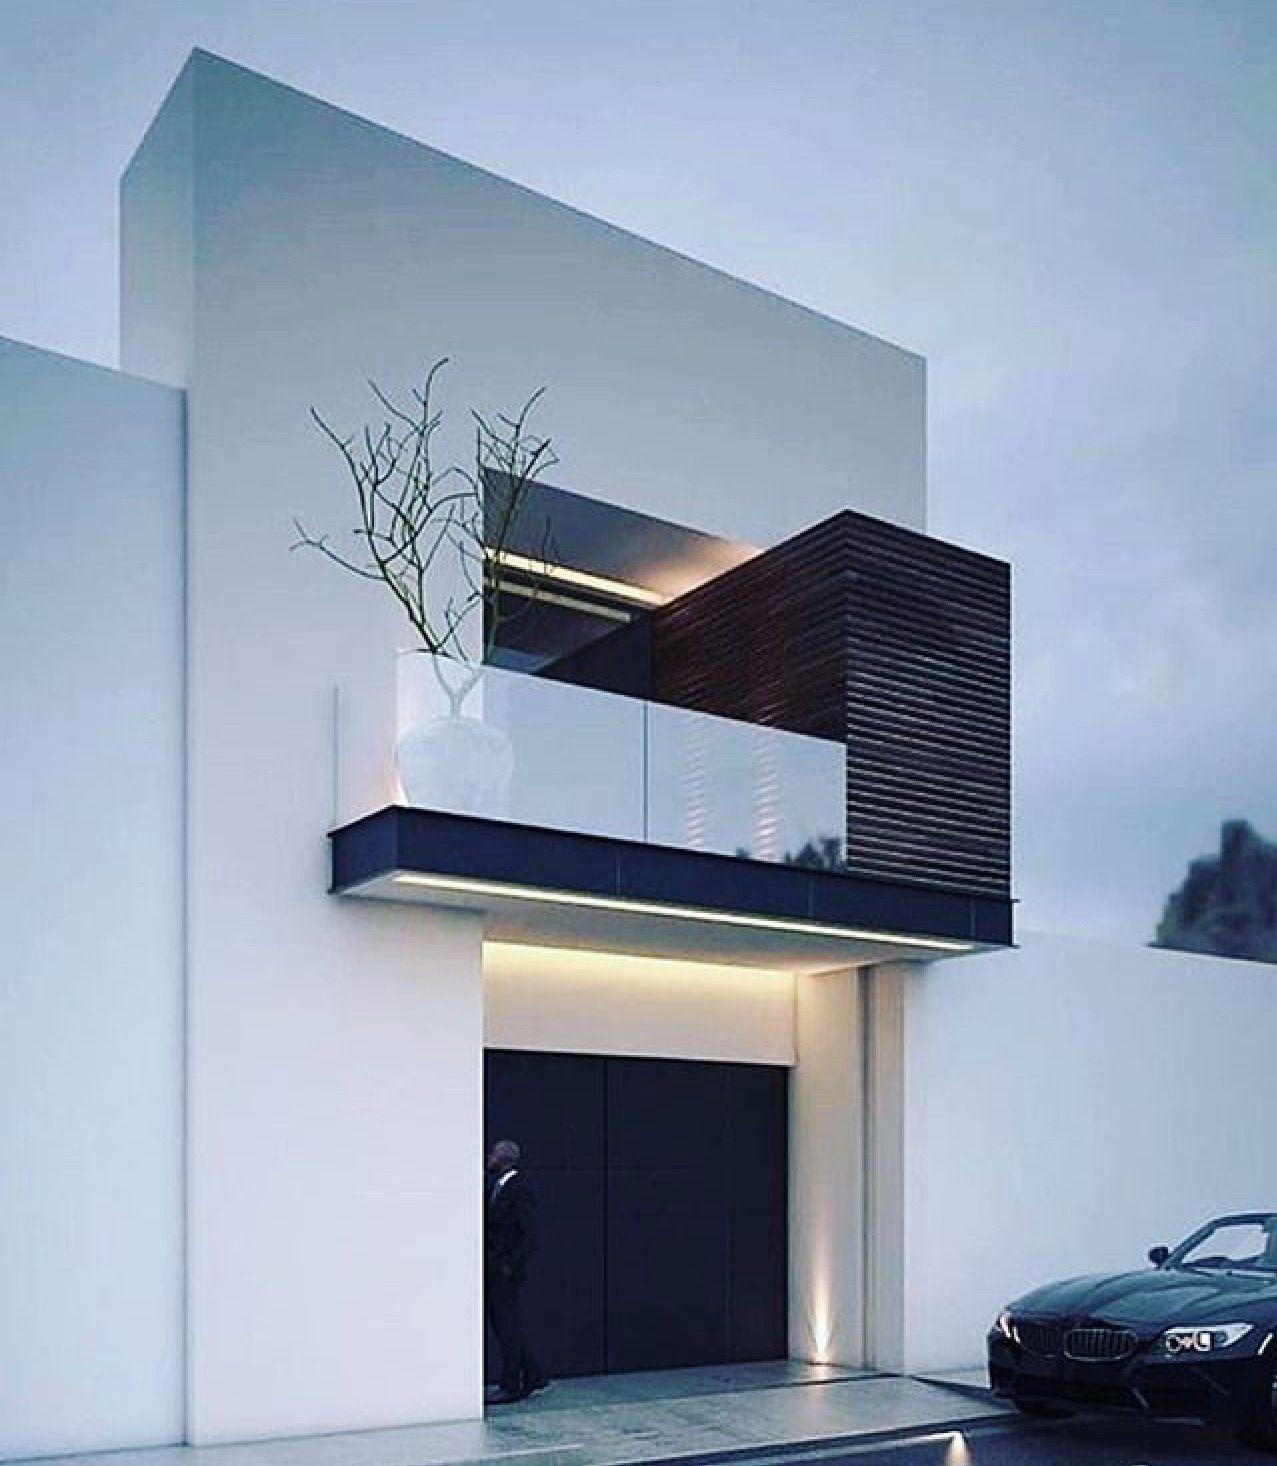 Casas mediterraneas | Villa en 2019 | House design, Facade